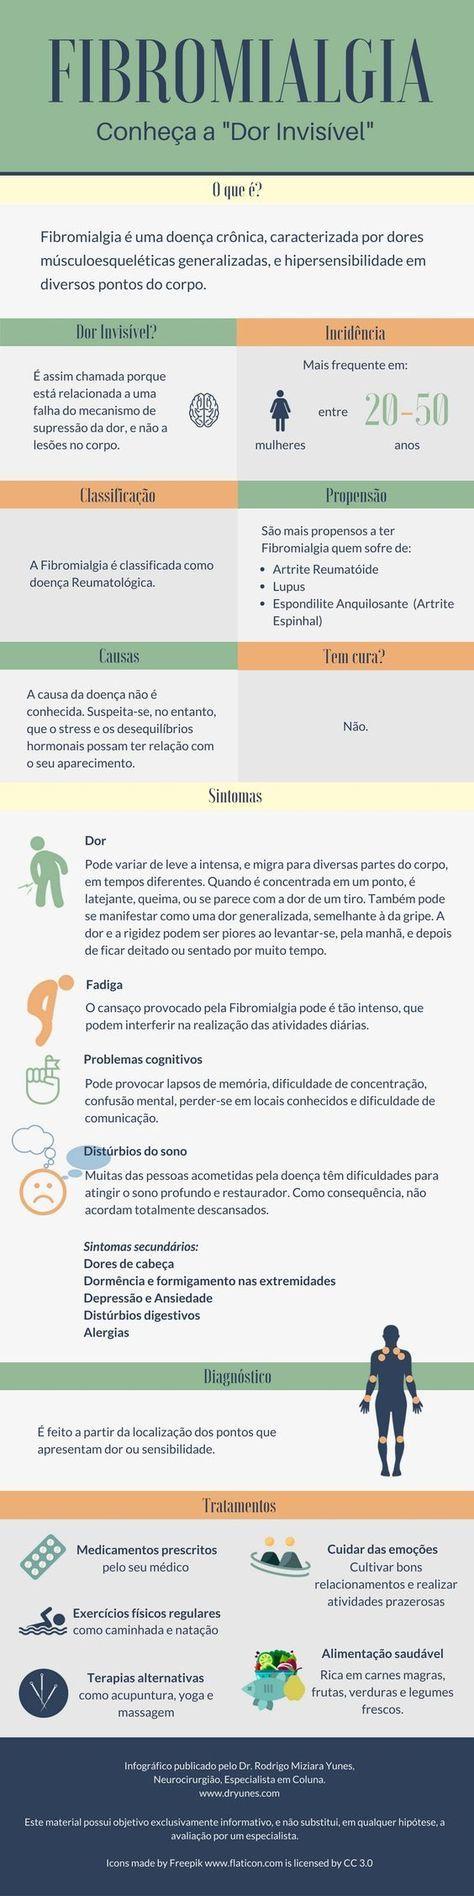 """[Infográfico] Fibromialgia: conheça a """"dor invisível"""" - Dr. Rodrigo Yunes"""